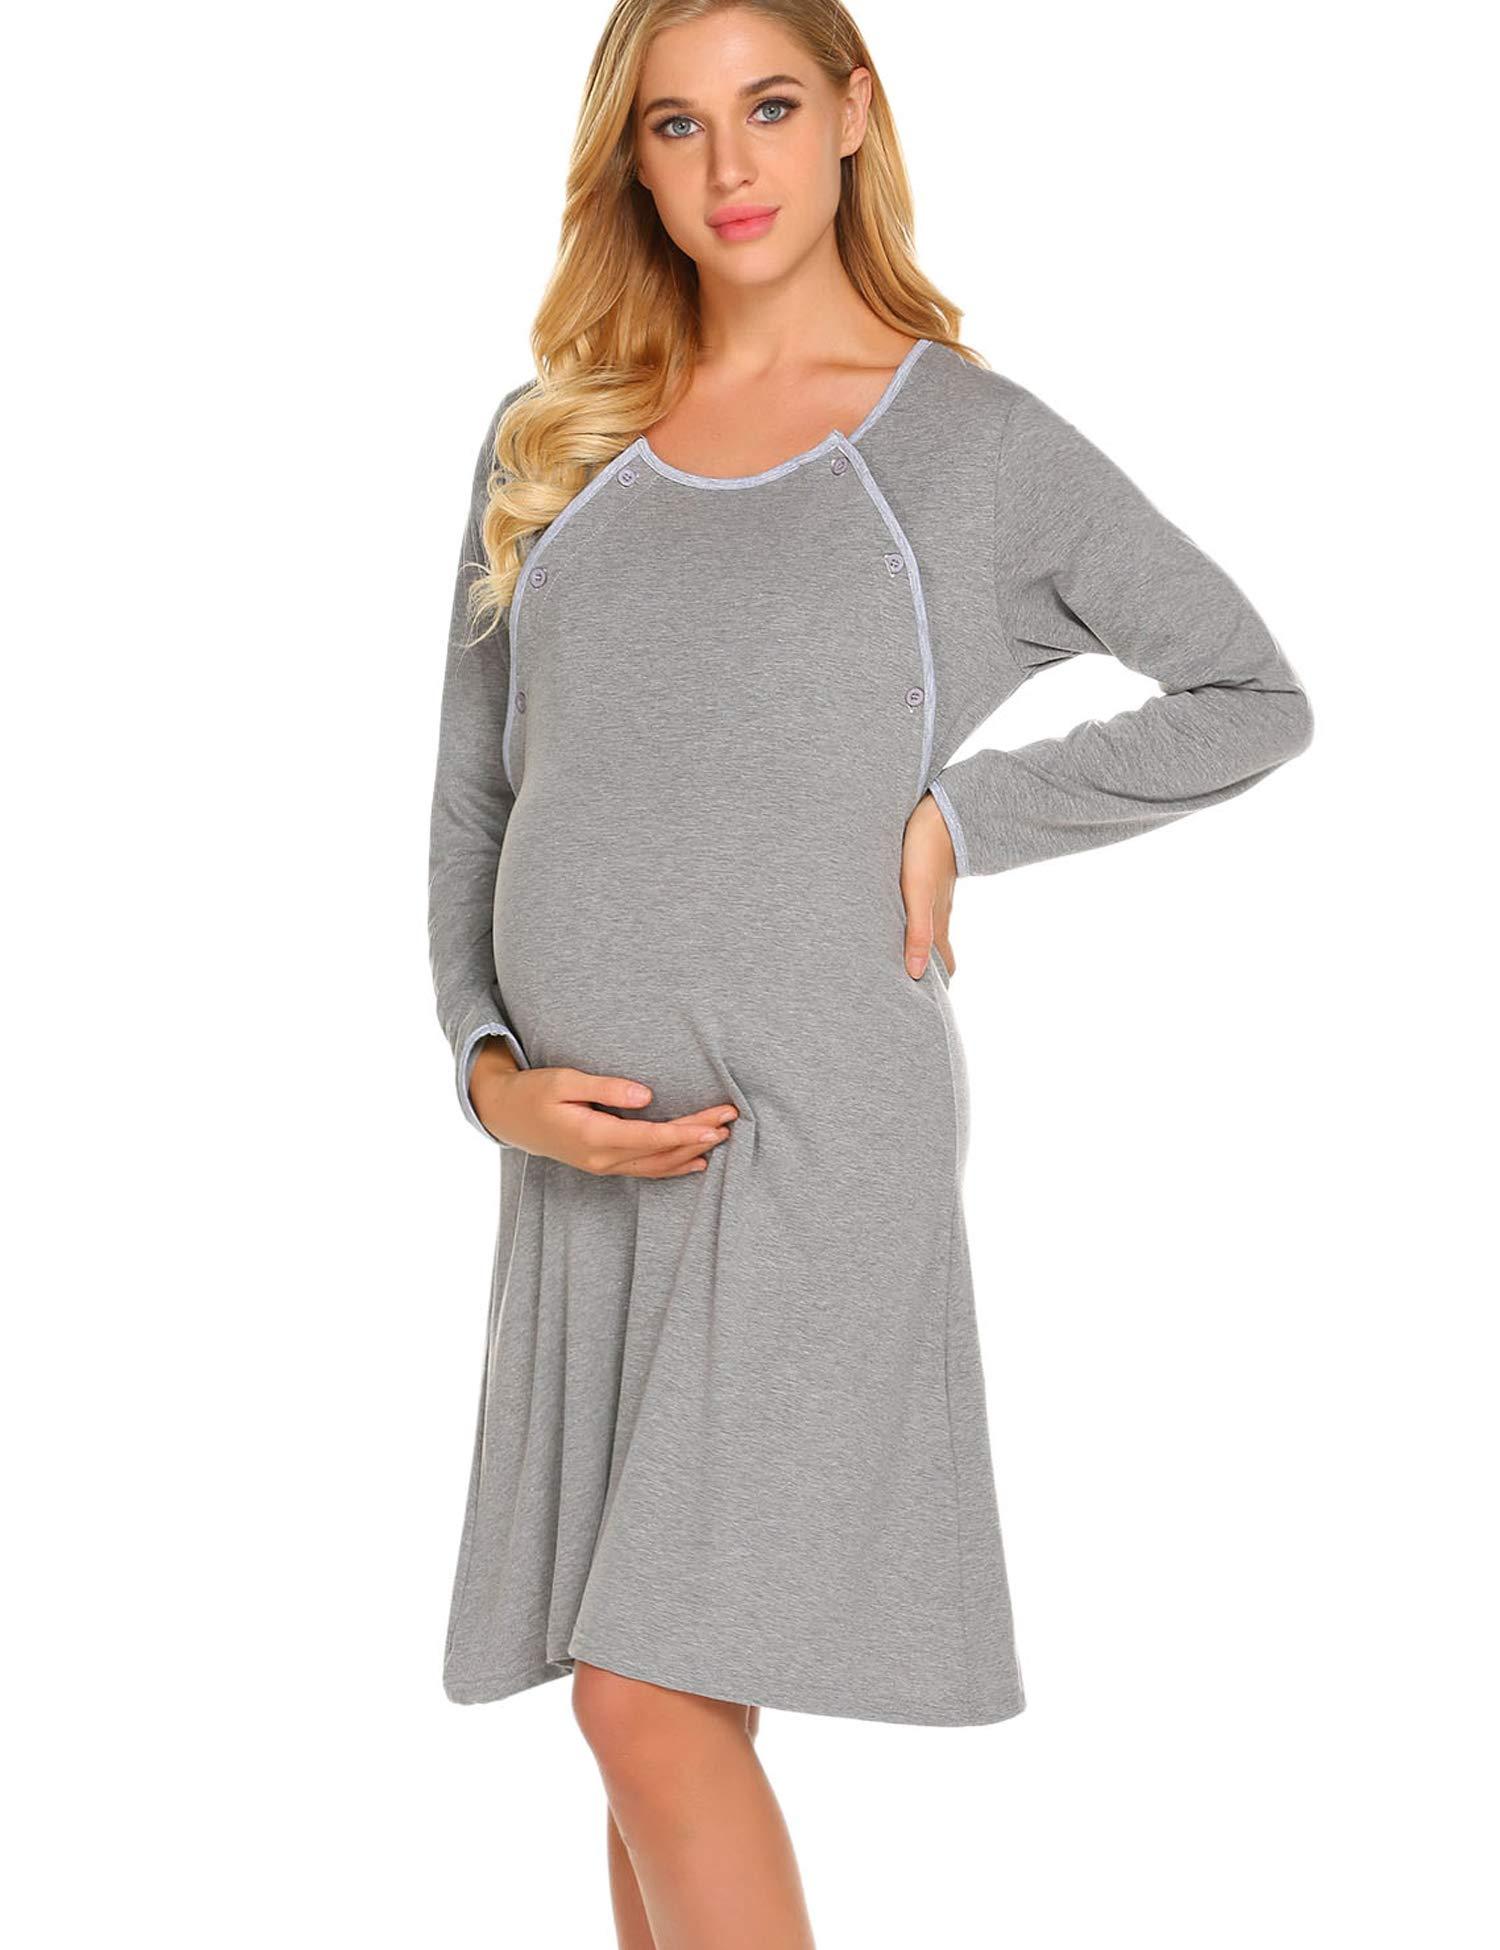 Ekouaer Maternity Nursing Nightgown Delivery/Labor/Hospital Gown Pregnancy Nightdress Sleepwear for Breastfeeding